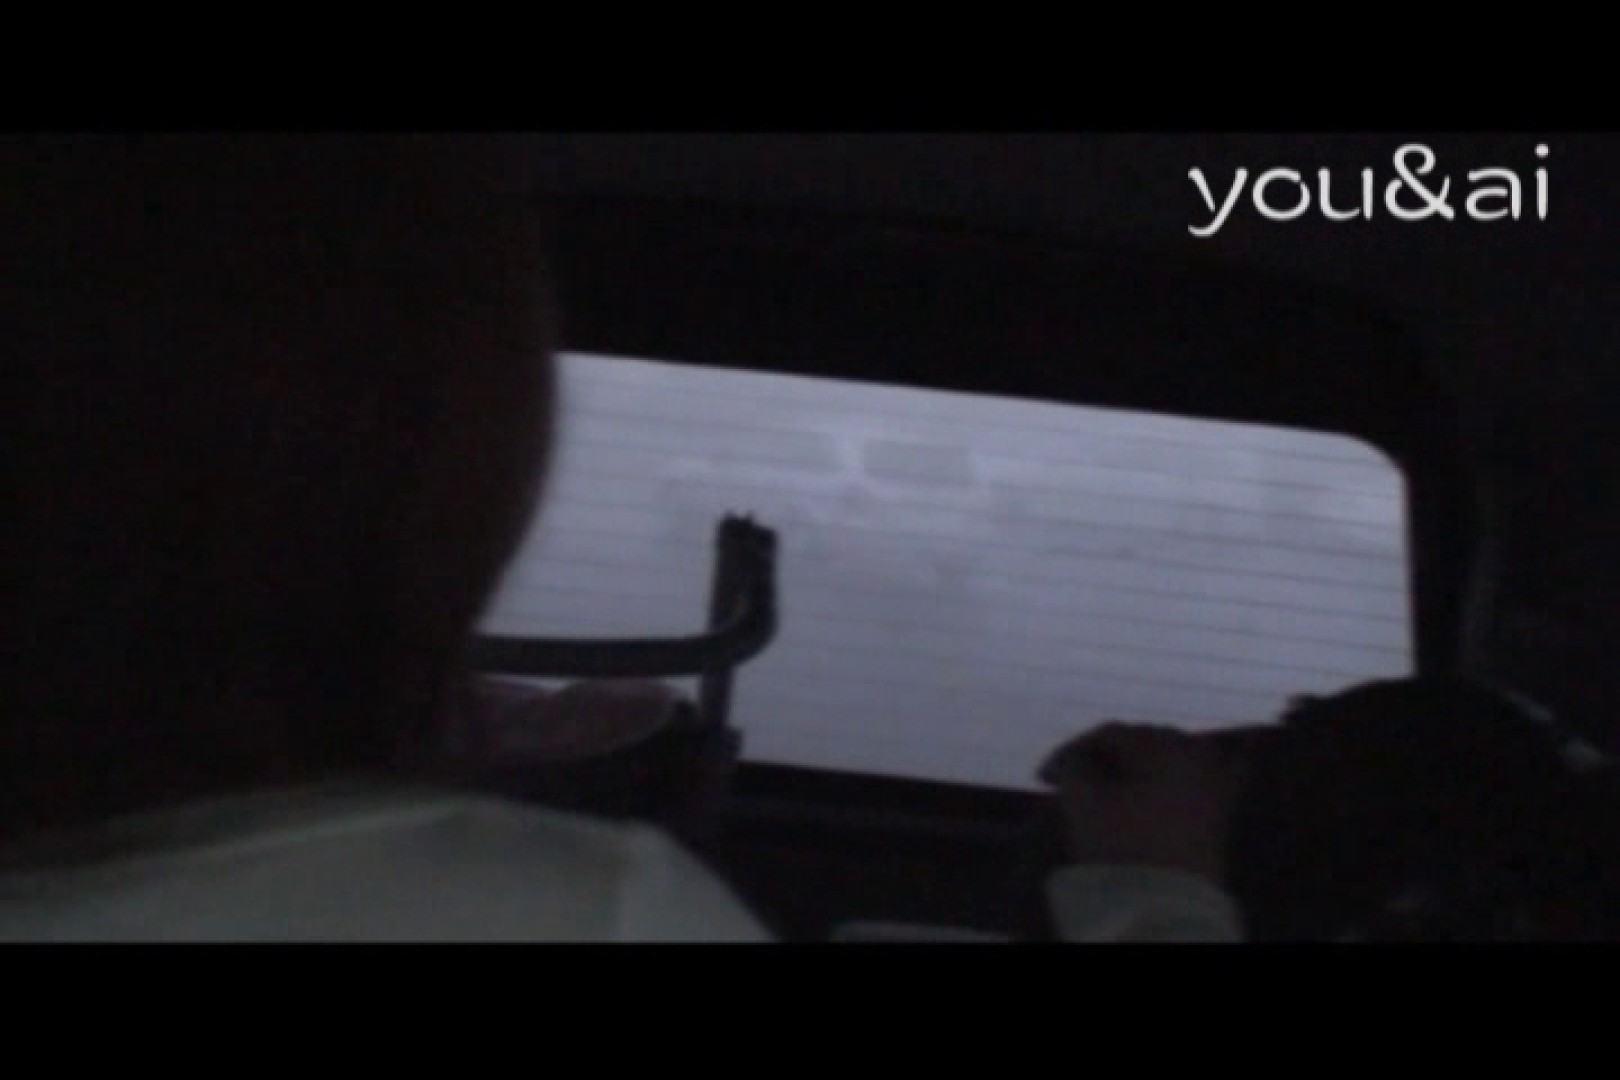 おしどり夫婦のyou&aiさん投稿作品vol.8 0  112pic 15